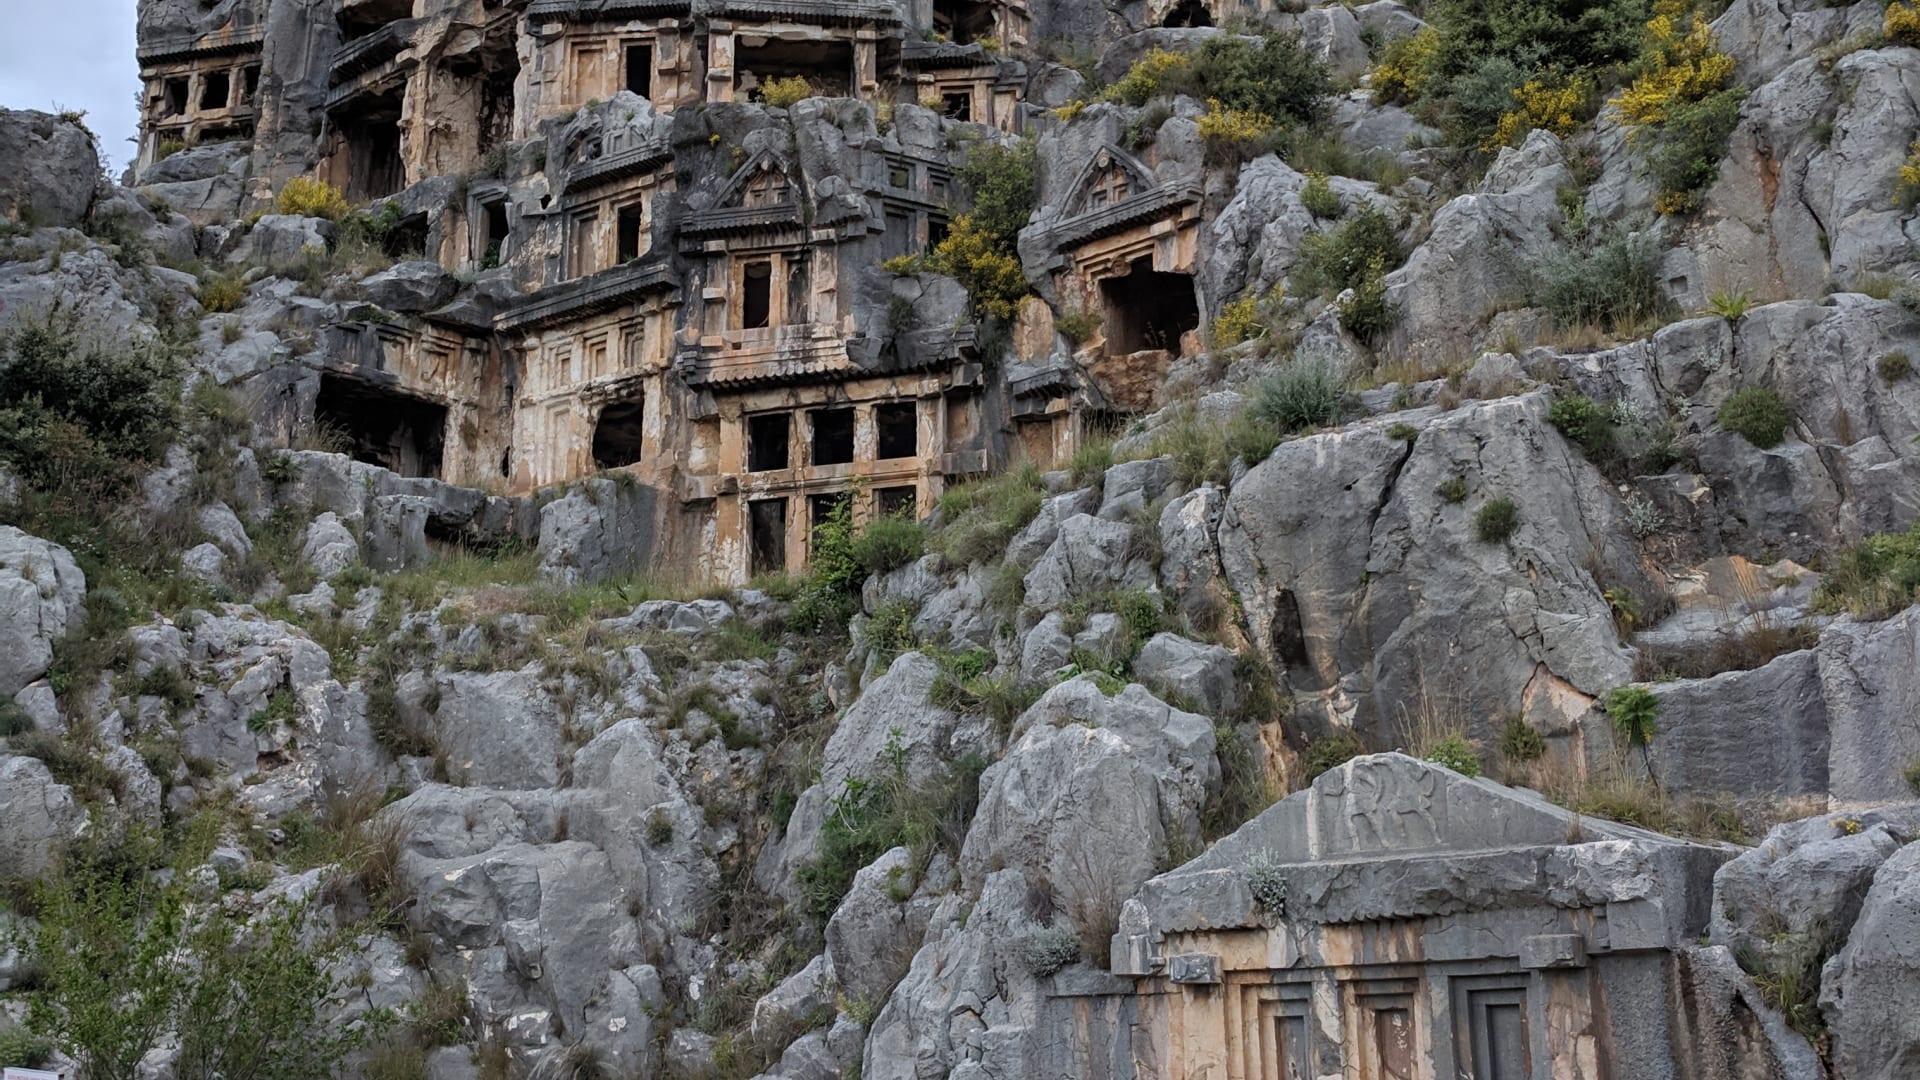 ستشعر أنك مراقب.. ألق نظرة داخل مدينة الموتى بتركيا